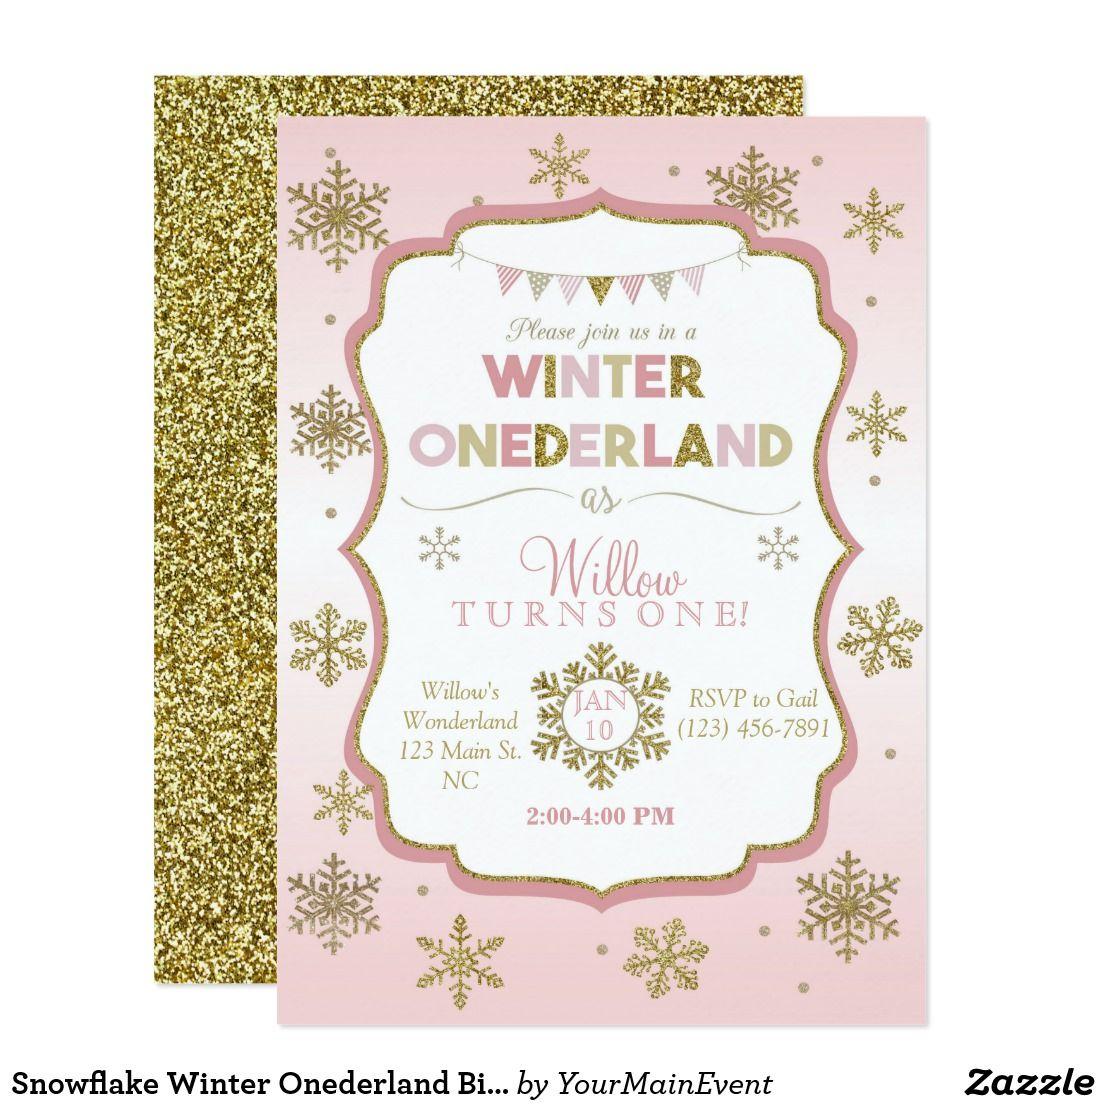 Snowflake Winter Onederland Birthday Invitation | Winter onederland ...